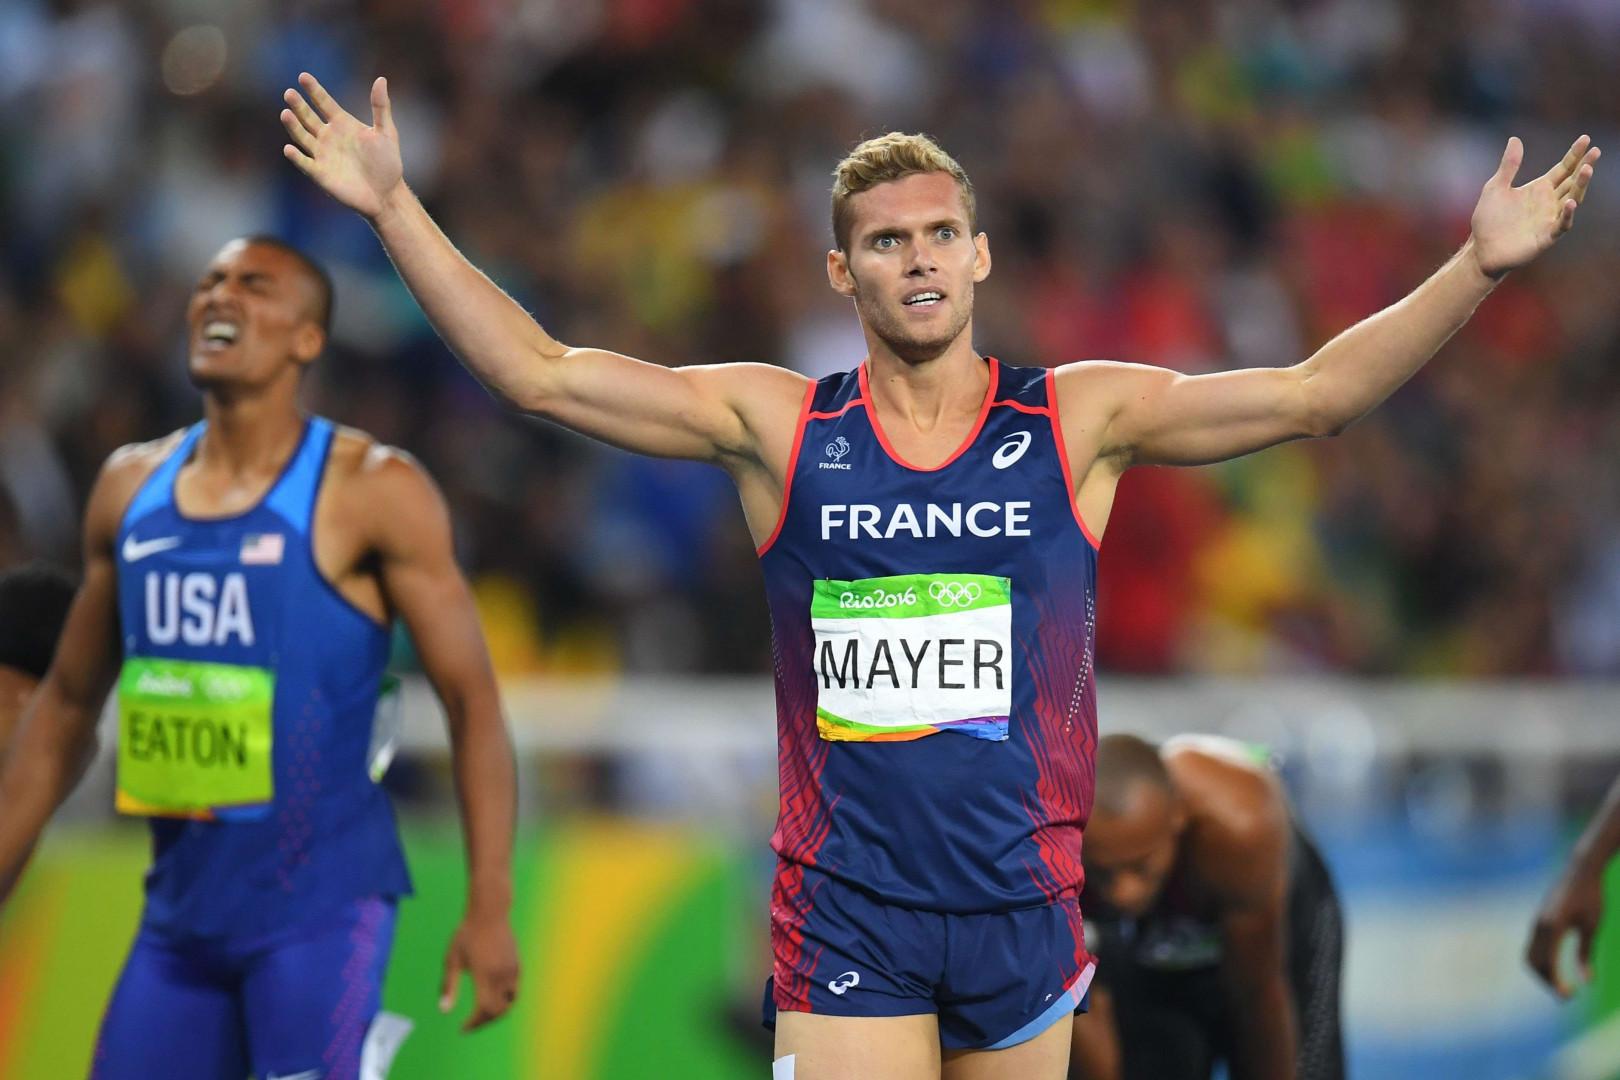 Kévin Mayer et Ashton Eaton après avoir couru le 1 500 m du décathlon le 18 août.